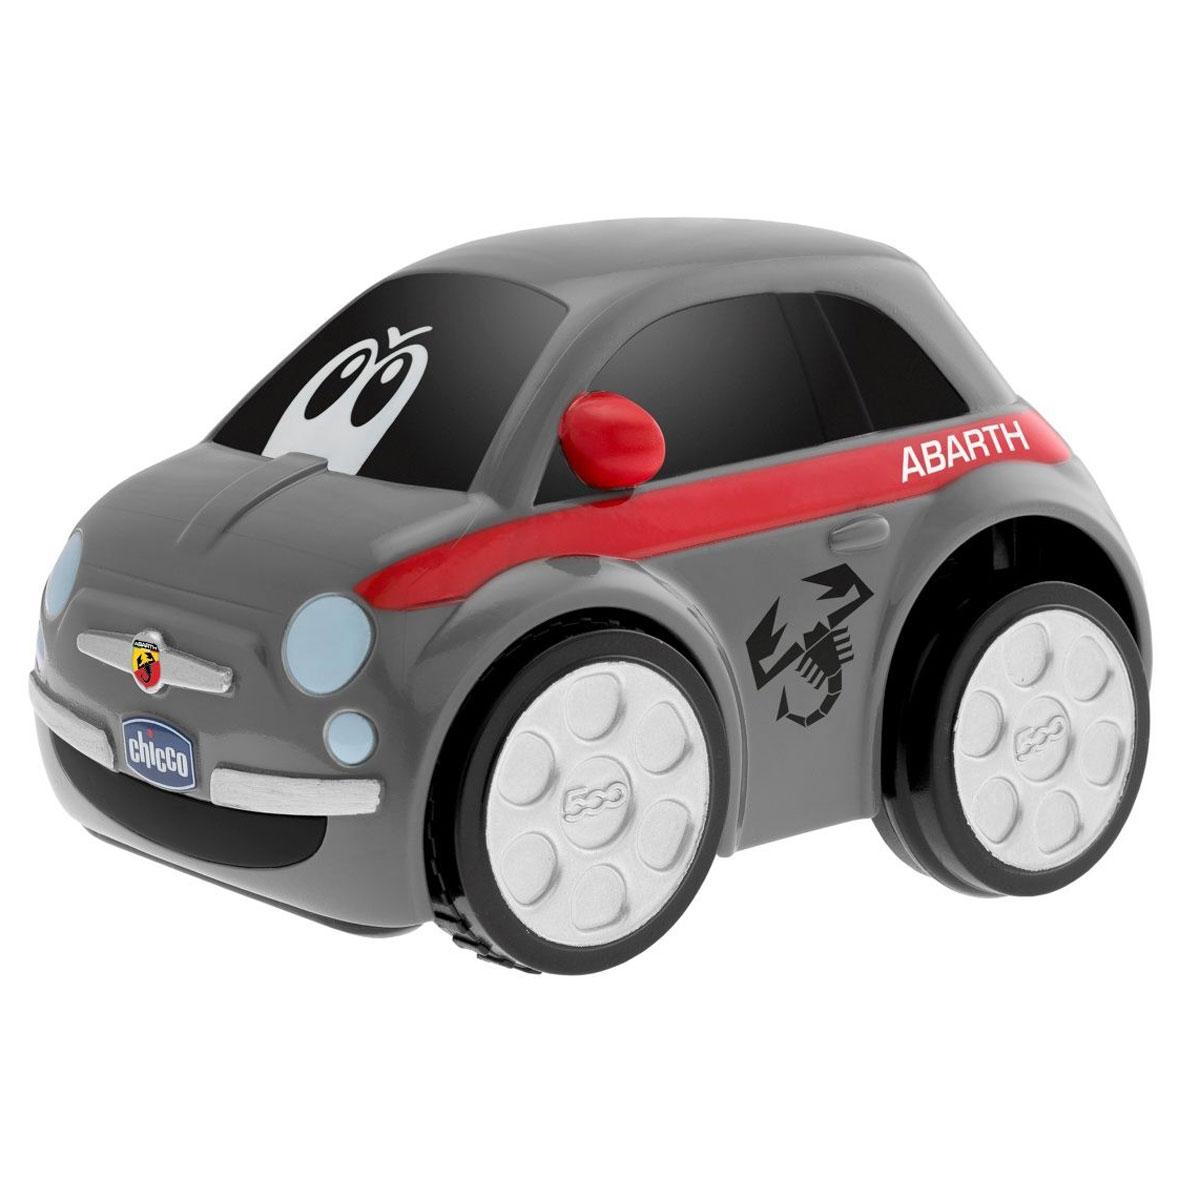 Chicco Машинка Fiat Turbo Touc 500 цвет серый00007331000000Chicco Турбо-машина Fiat Turbo Touc 500 идеально подходит для маленьких любителей скорости! На лобовом стекле машинки нарисованы забавные глазки, а по бокам - рисунок силуэта скорпиона. Если просто нажать на спинку машинки, то она разгонится со звуком ревущего мотора, остановится и посигналит. Эта интересная игрушка обязательно вызовет восторг и бурю эмоций у вашего маленького гонщика! Работает от 3 батареек типа AA (входят в комплект).